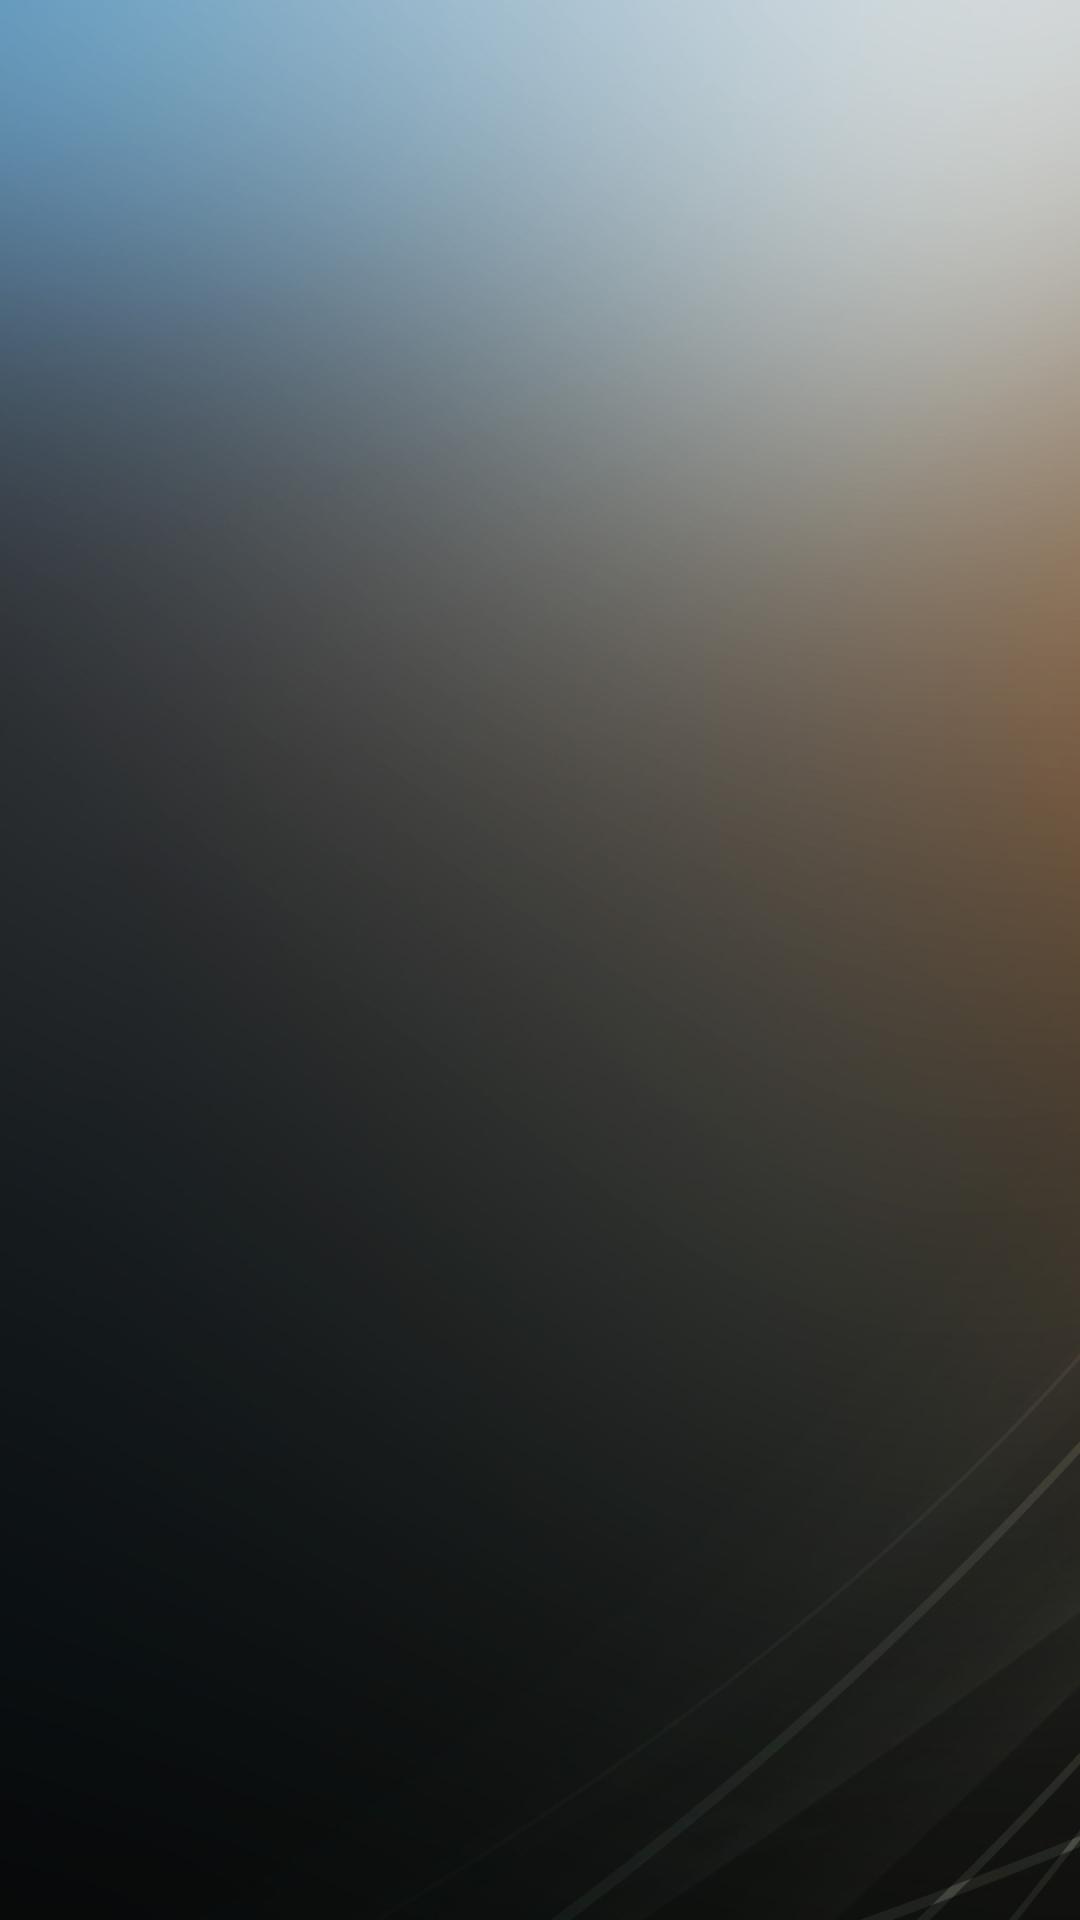 纯色 黑色 棕色 苹果手机高清壁纸 1080x1920_爱思助手